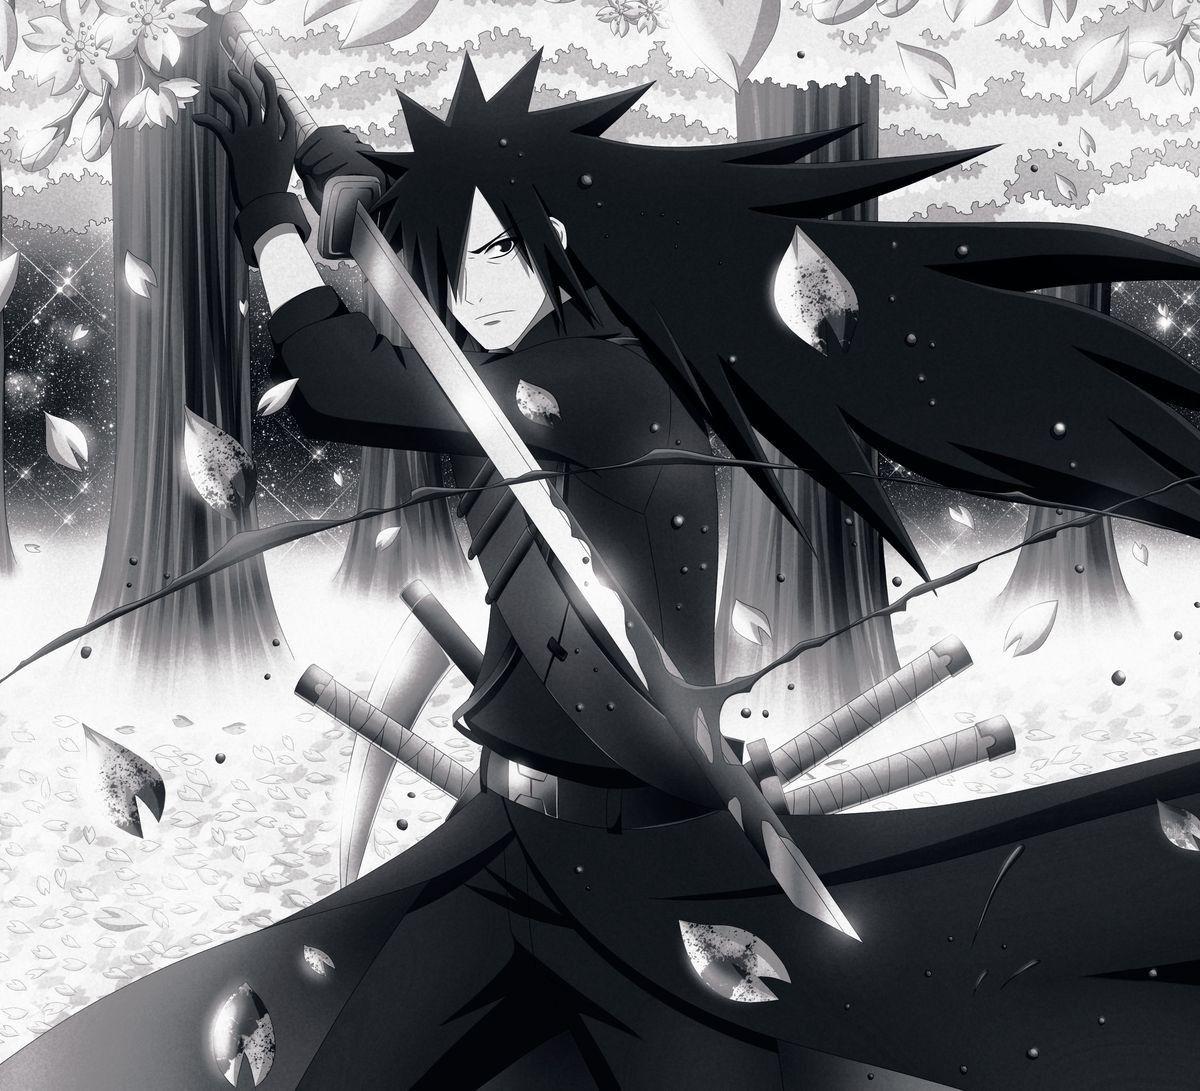 Pin de Emilee Charles em Naruto Naruto personagens